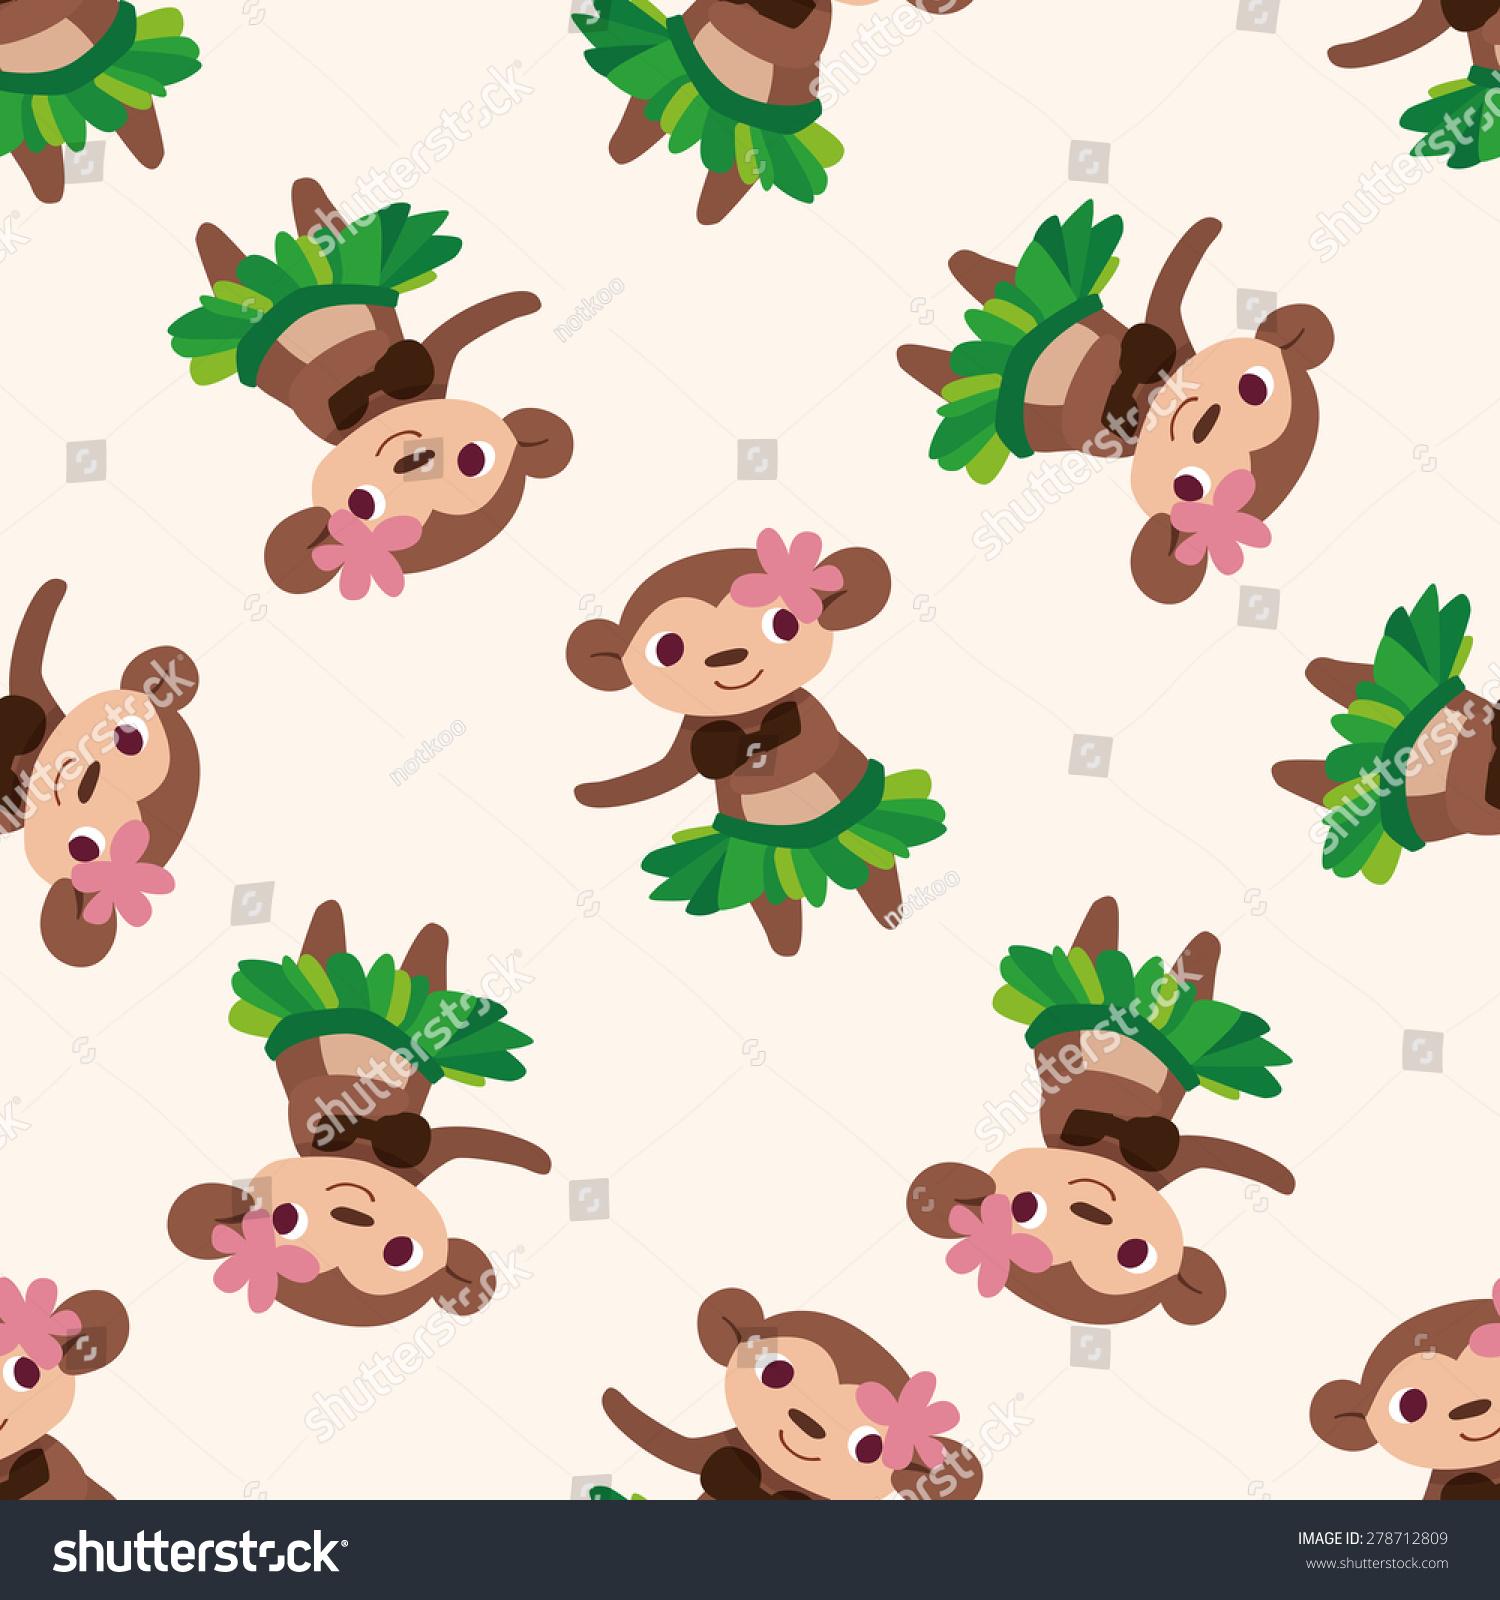 动物猴子卡通,卡通无缝模式的背景